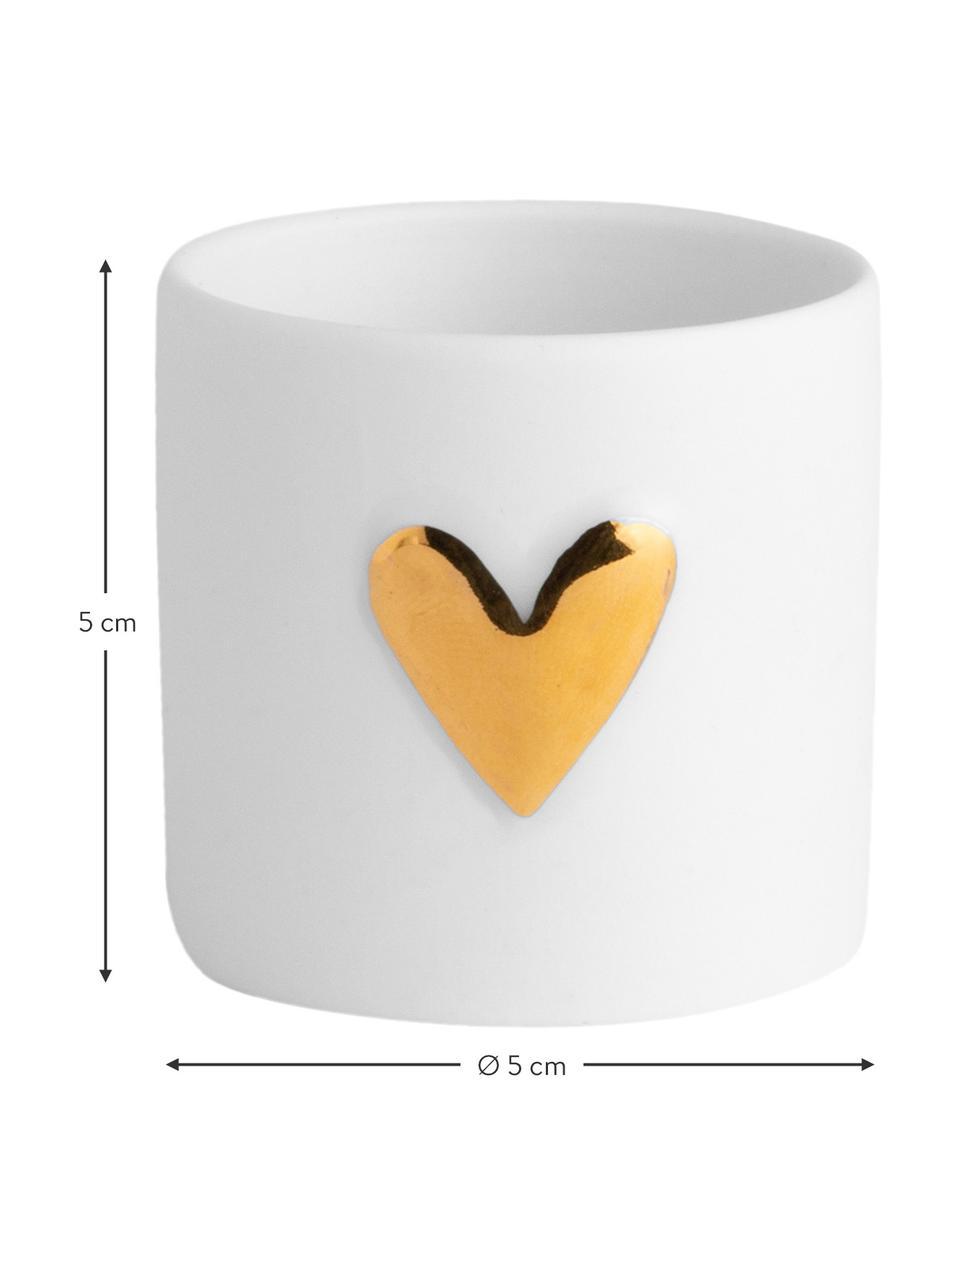 Bougeoirs pour bougies chauffe-plat Heart, porcelaine, 2pièces, Blanc, couleur dorée